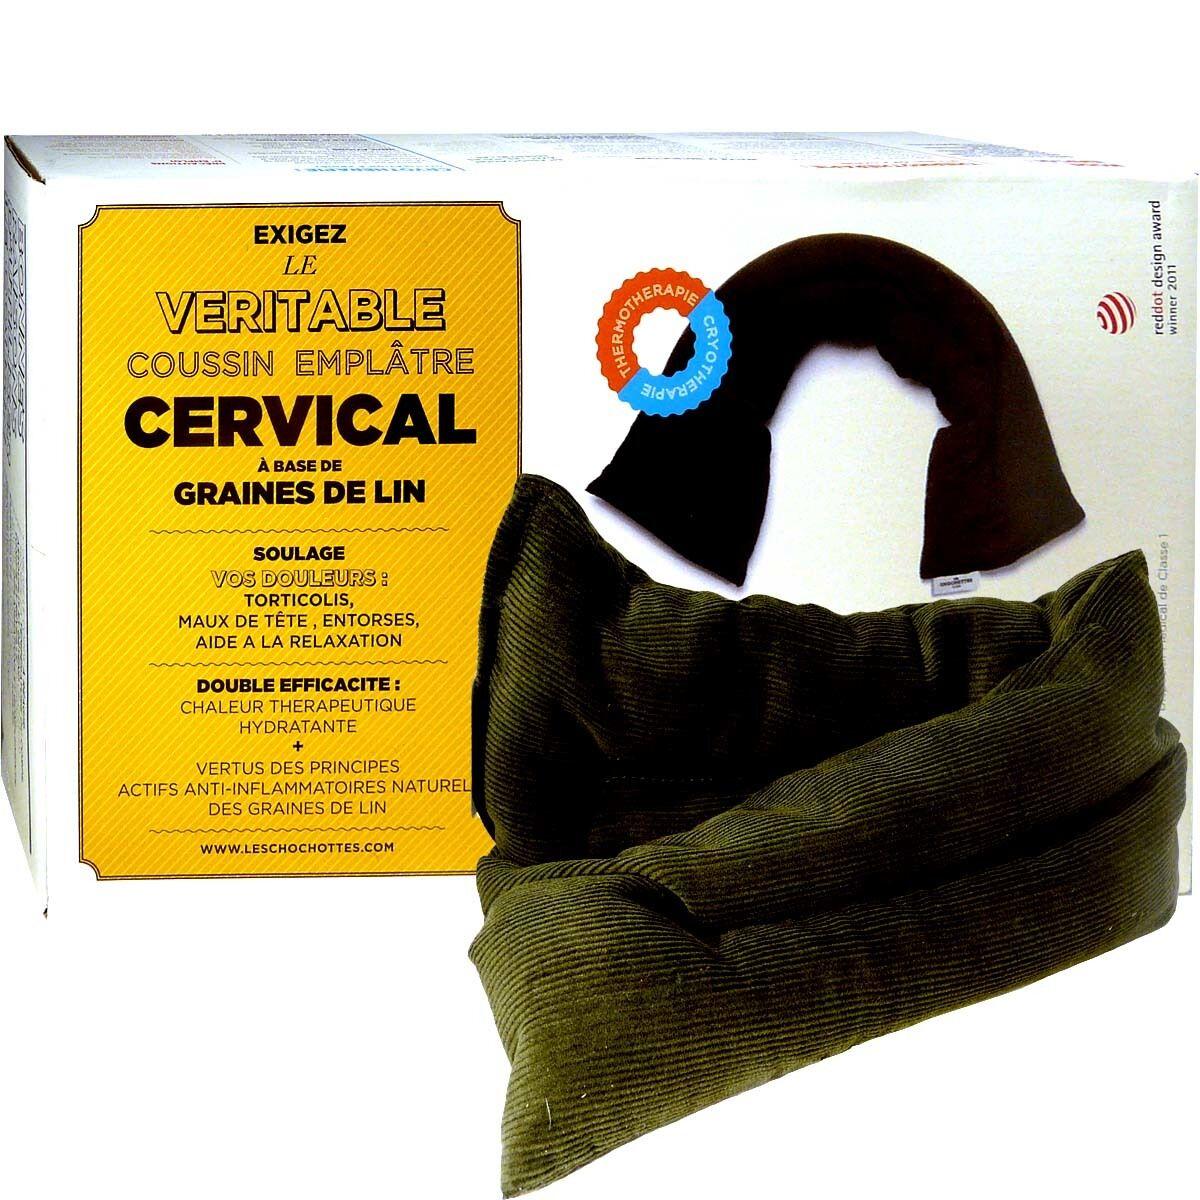 DIVERS Les chochottes coussin emplatre cervical en graines de lin